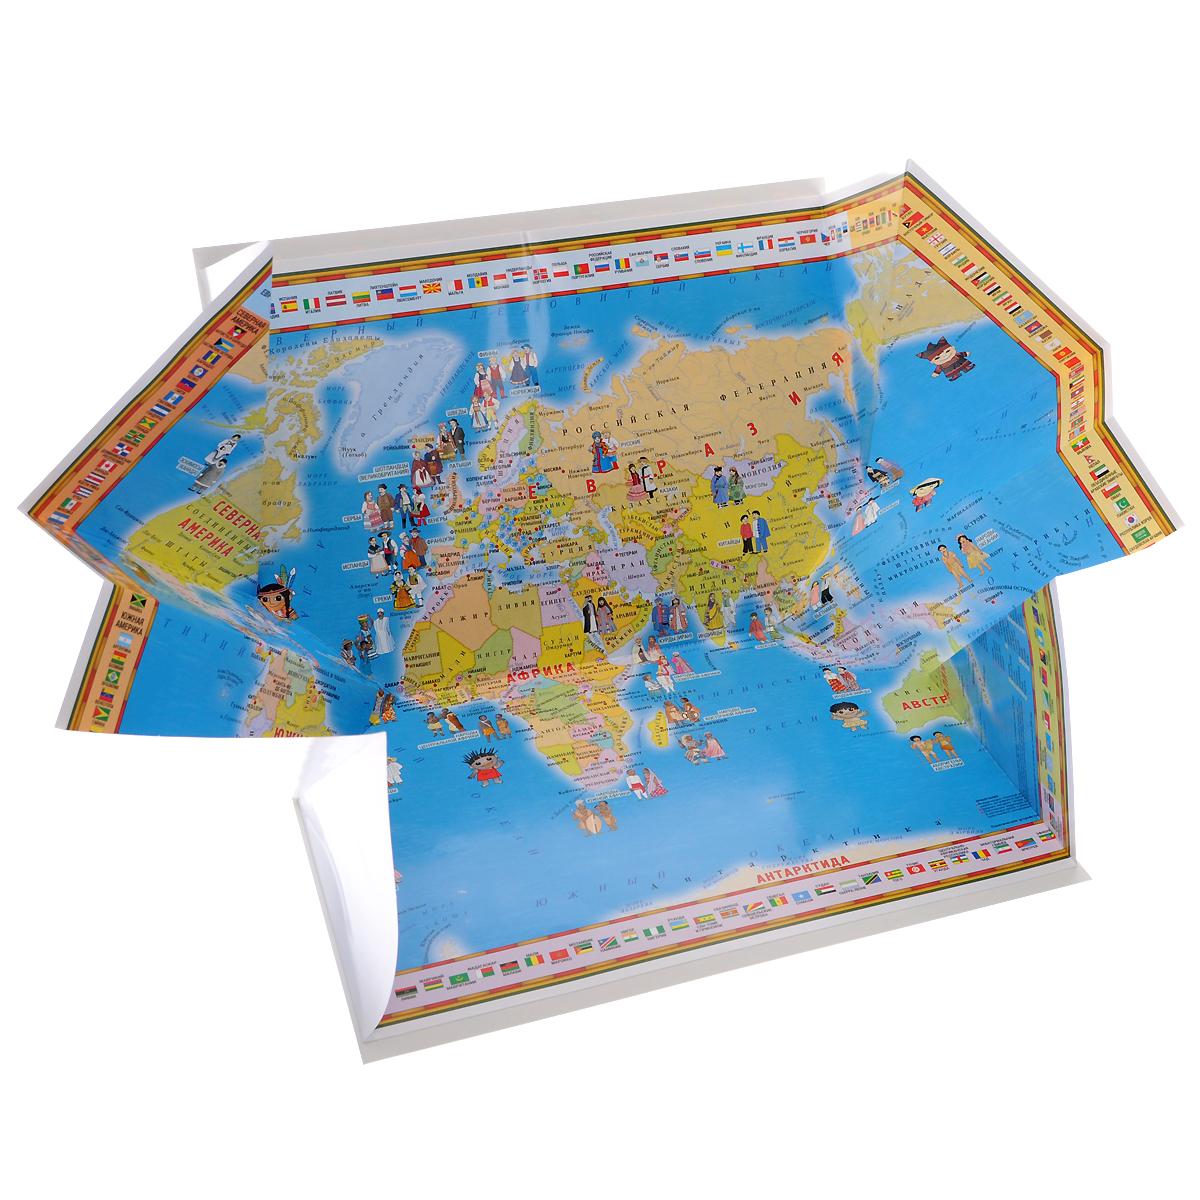 Народы и страны. Мир в руках ребенка. Складная карта мира